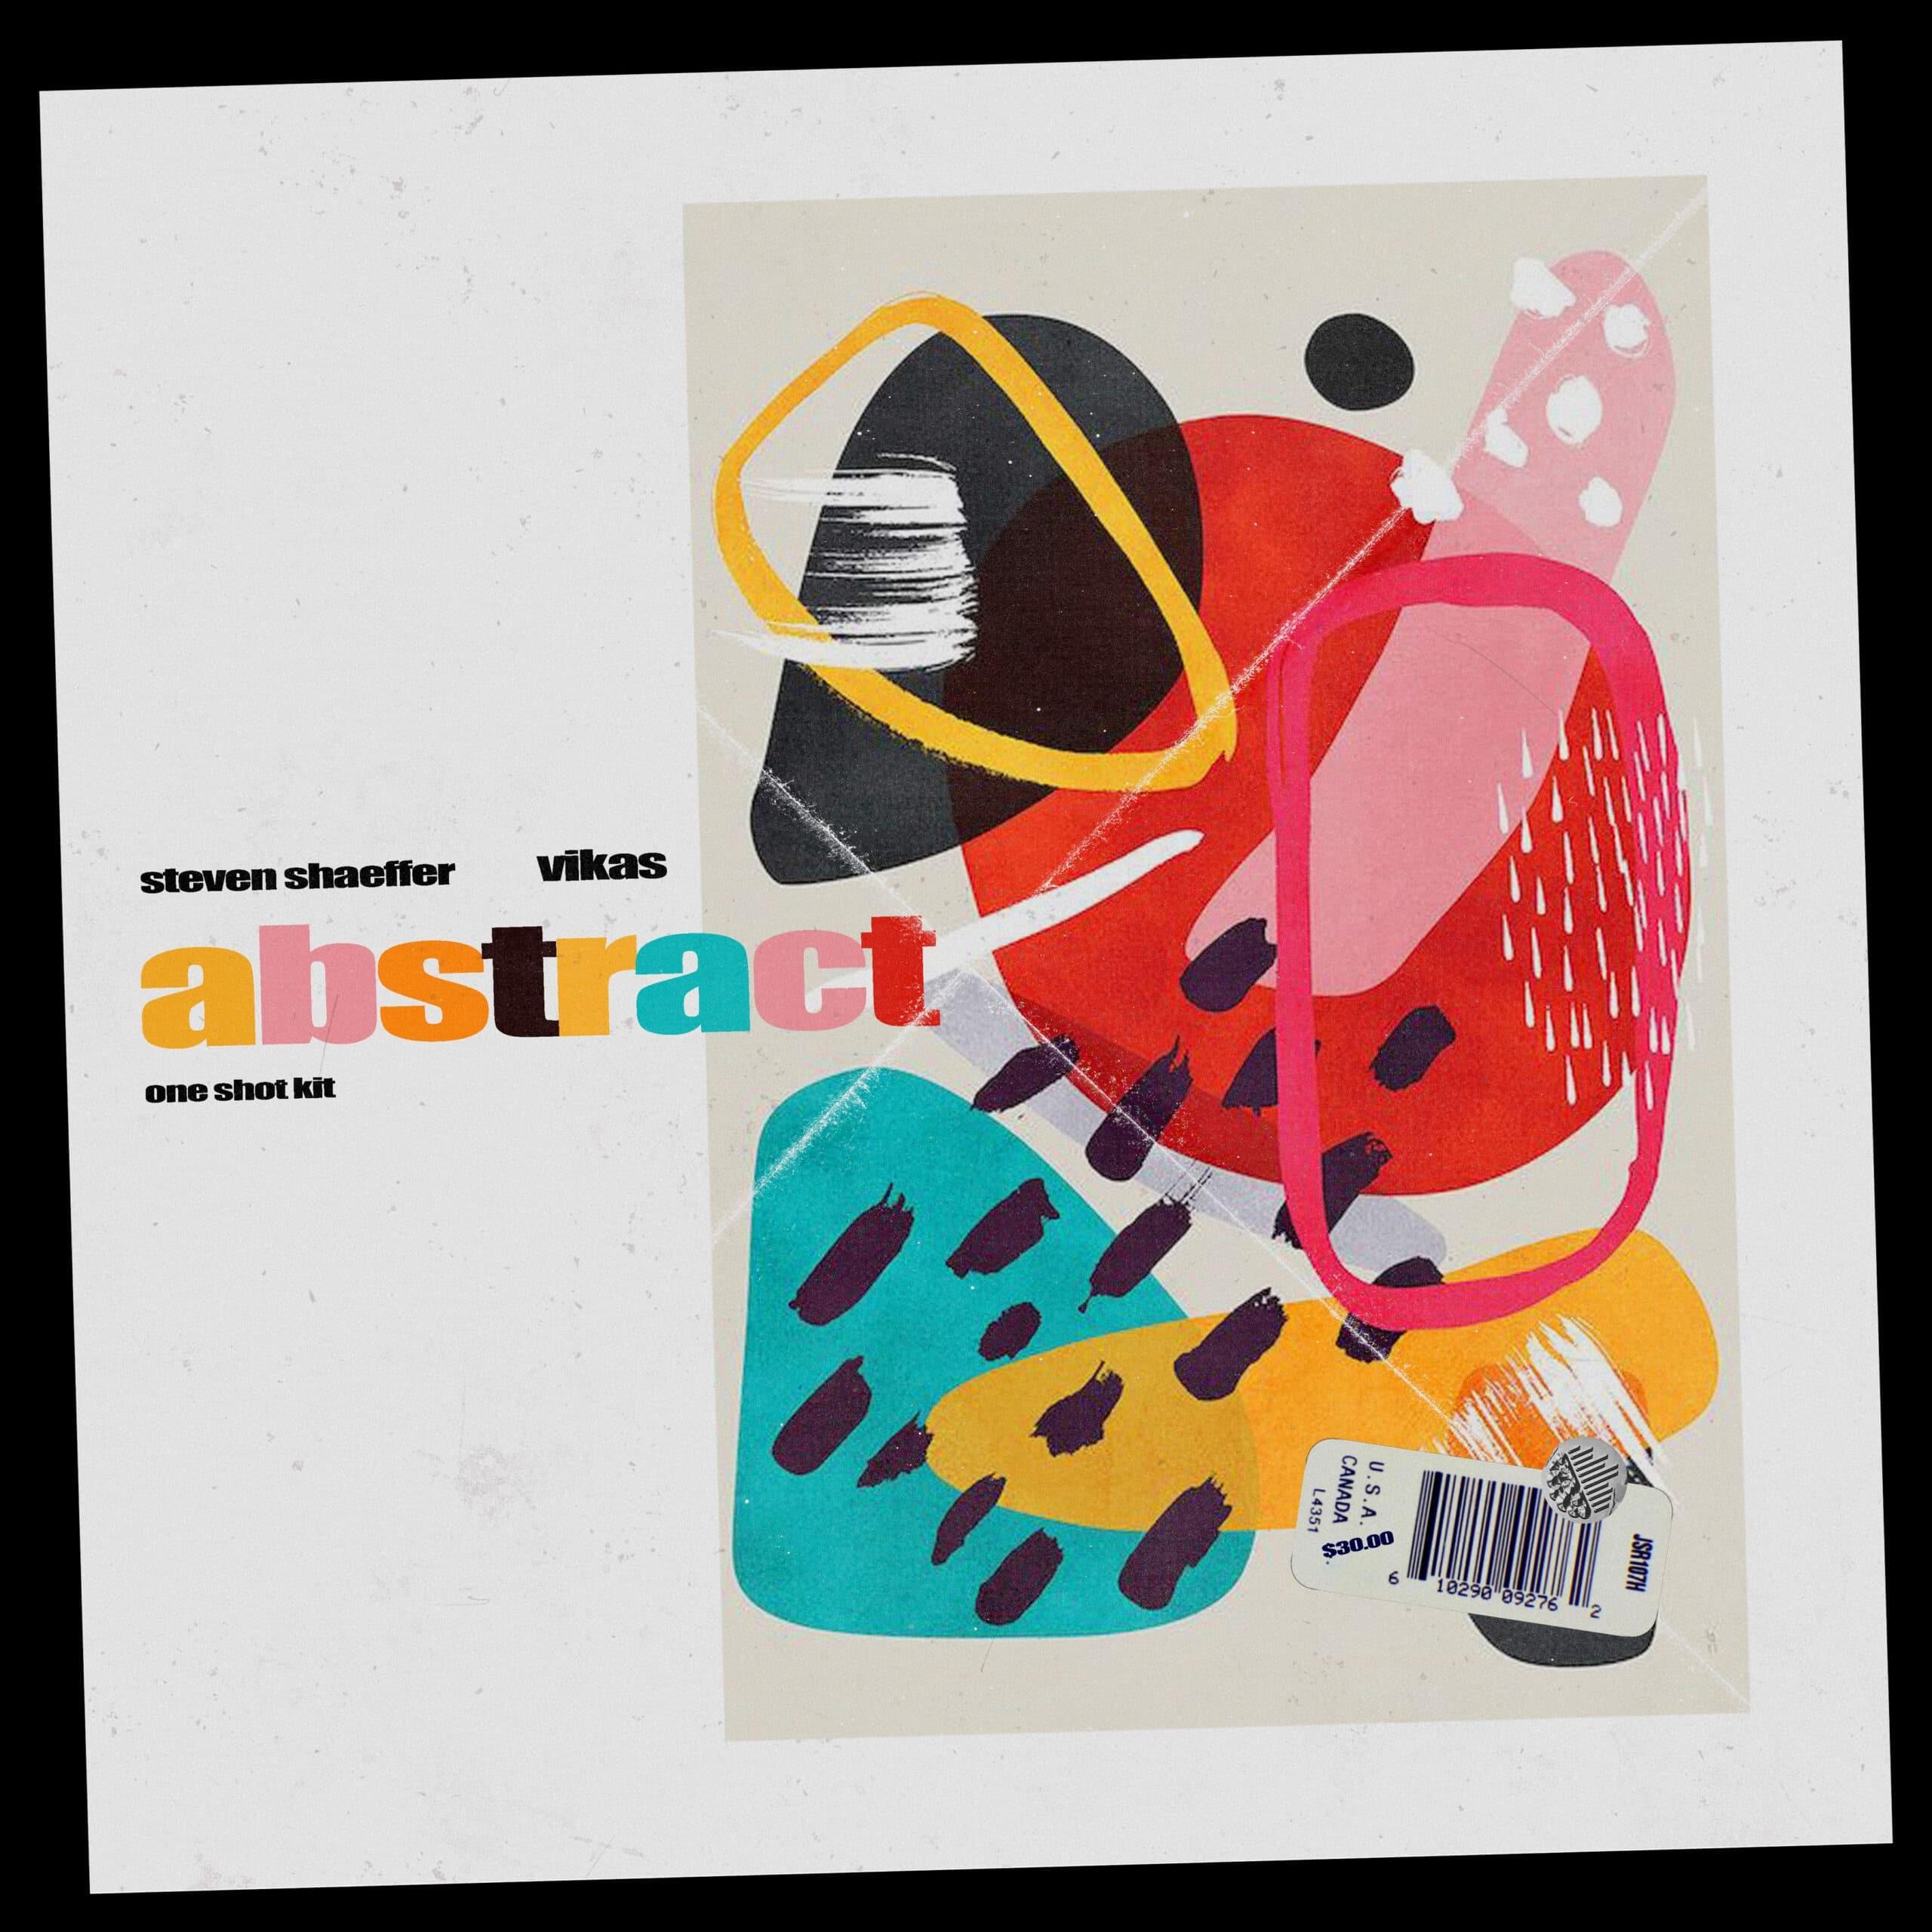 Drumify - Steven Shaeffer X Vikas – Abstract (One Shot Kit)